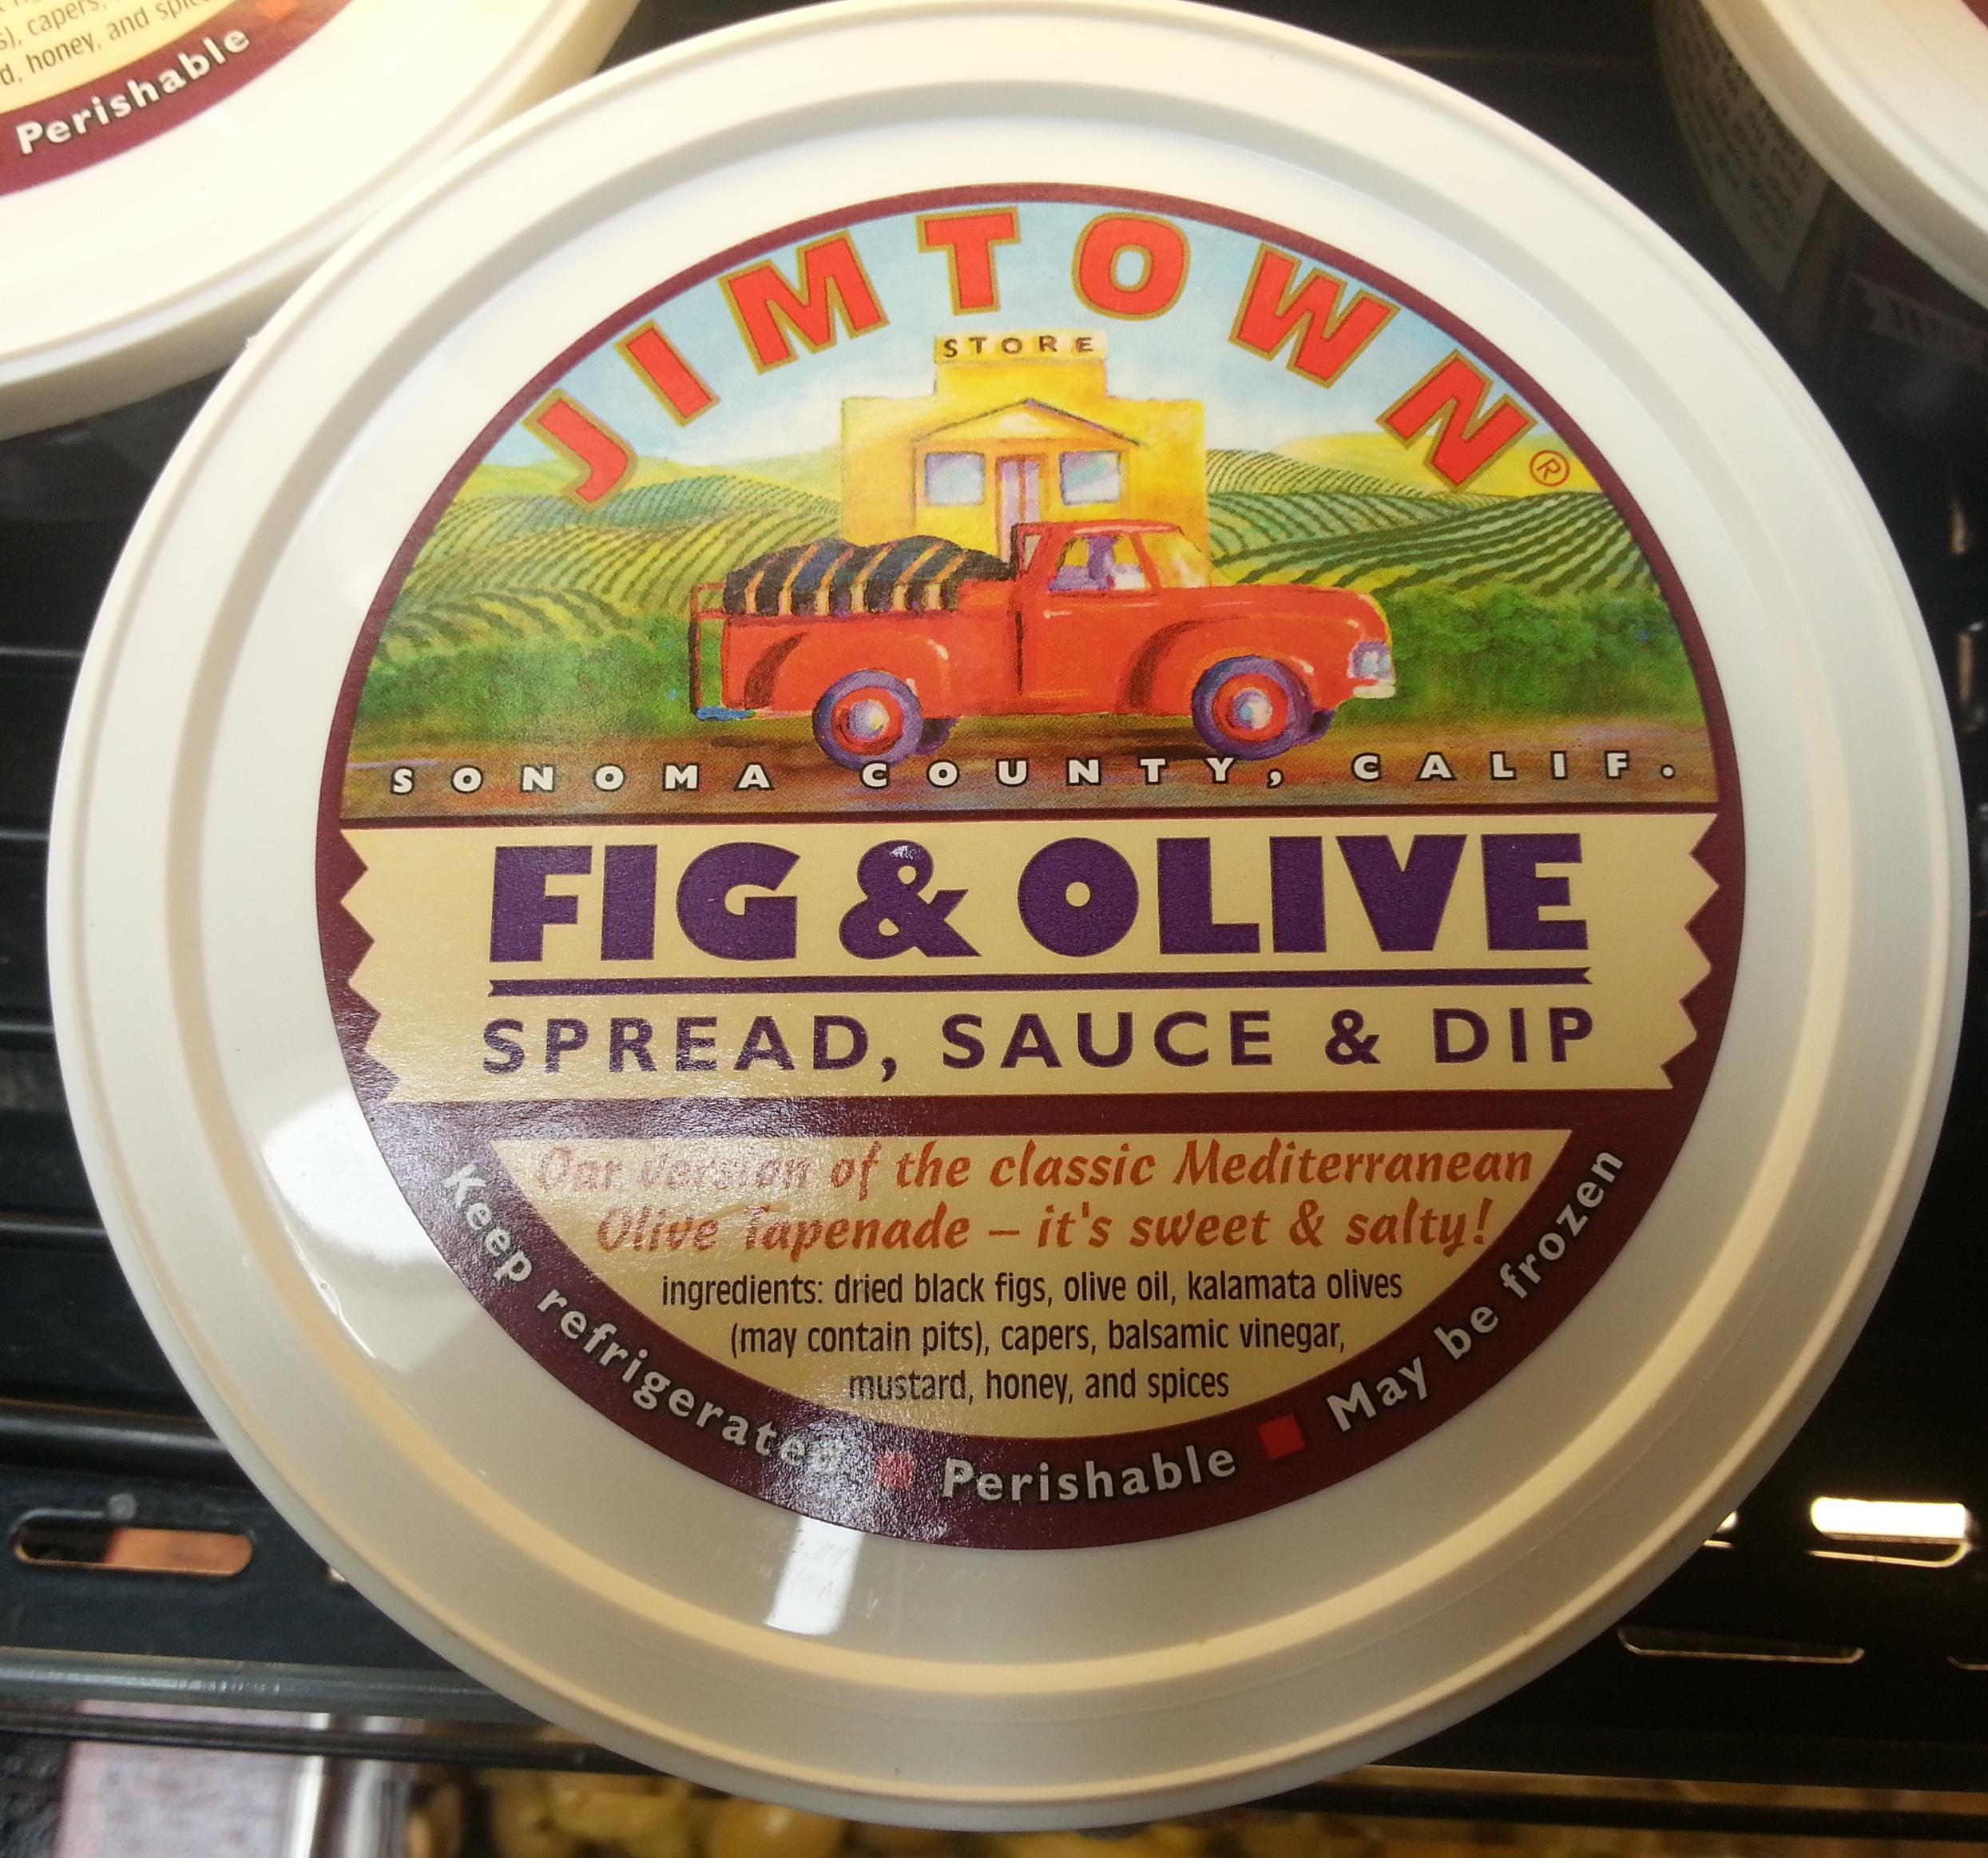 Fig & Olice spread, sauce & dip - Product - en